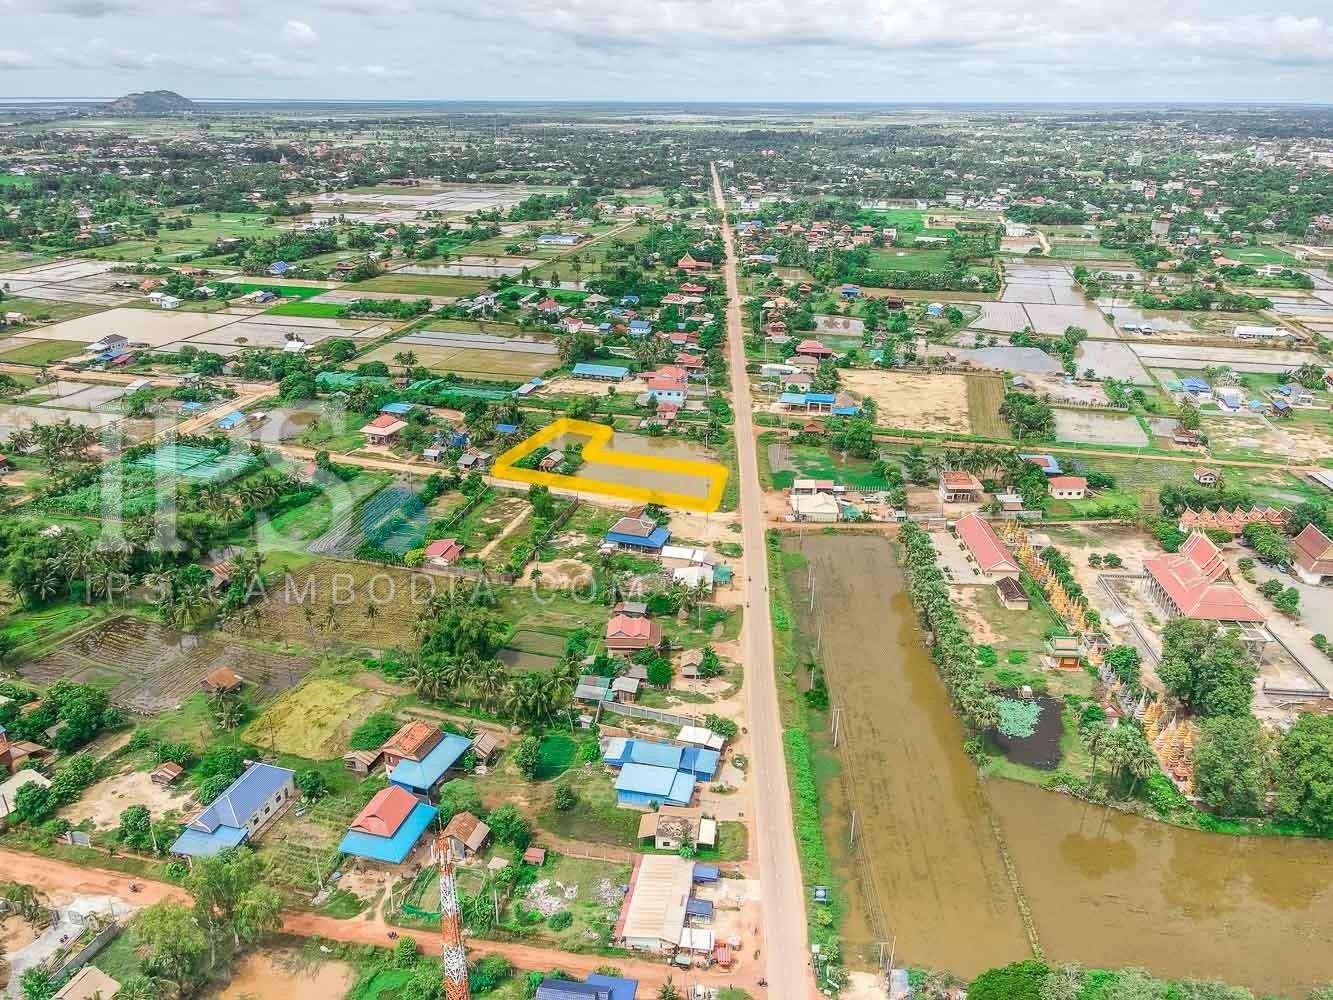 1471 Sqm Land For Sale - Chreav, Siem Reap